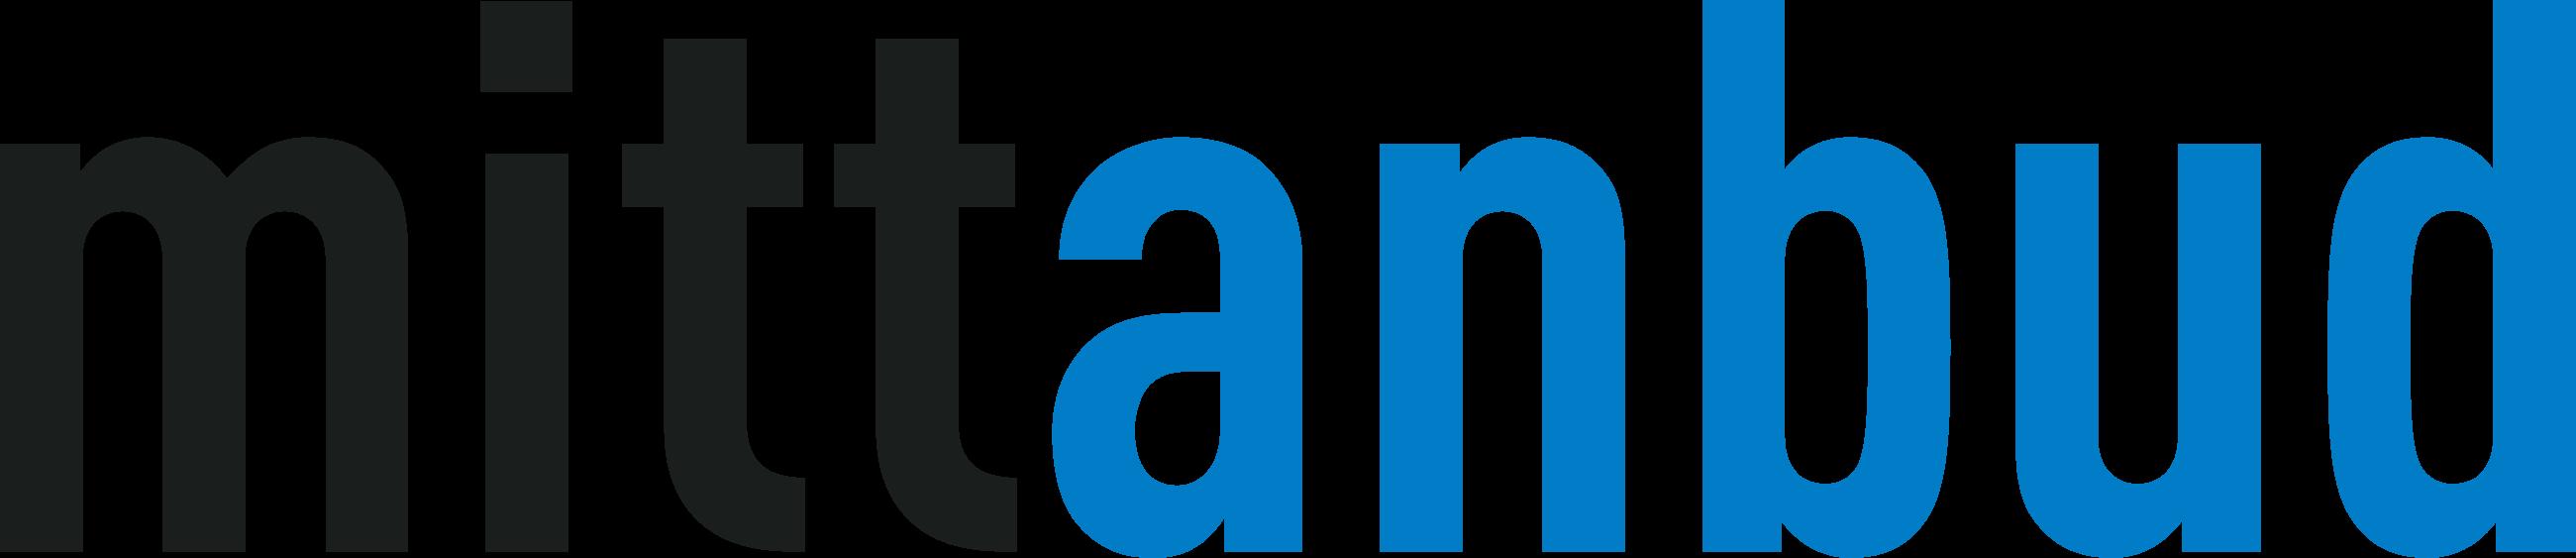 Mittanbud - Kategorisponsor av Norges Hyggeligste Snekker/Tømrer